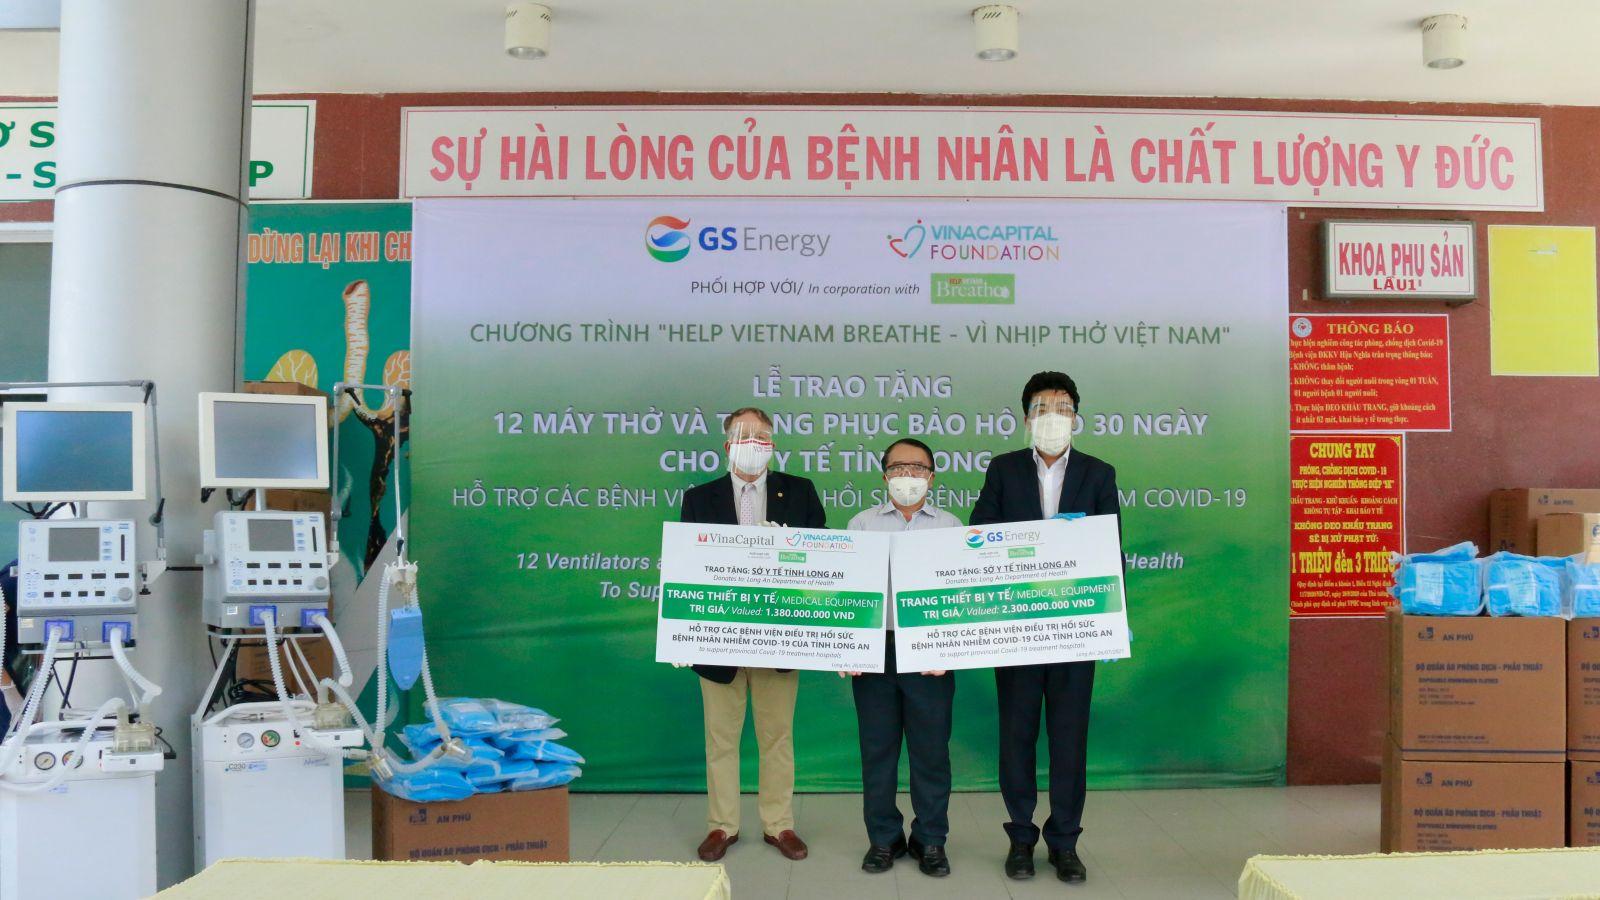 VinaCapital và GS Energy tặng 12 máy thở và trang phục bảo hộ cho tỉnh Long An